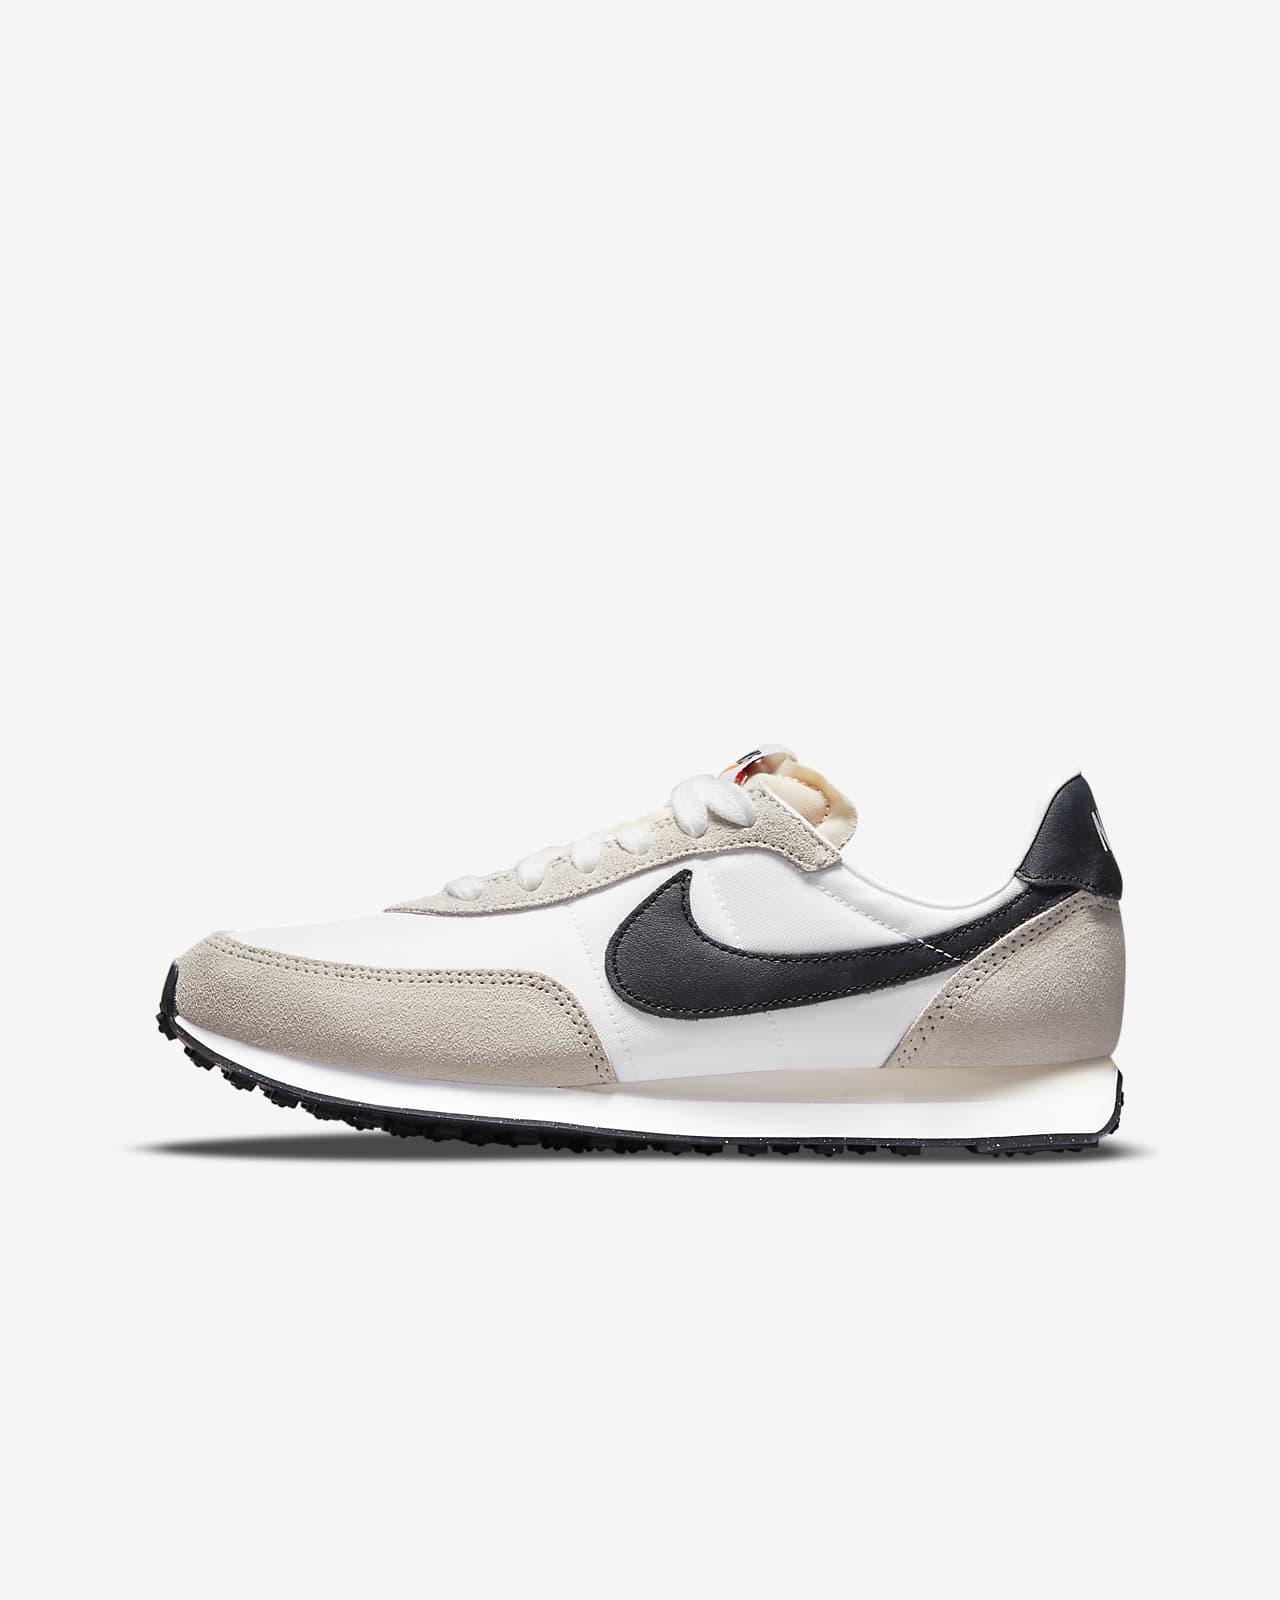 Nike Waffle Trainer 2 Genç Çocuk Ayakkabısı